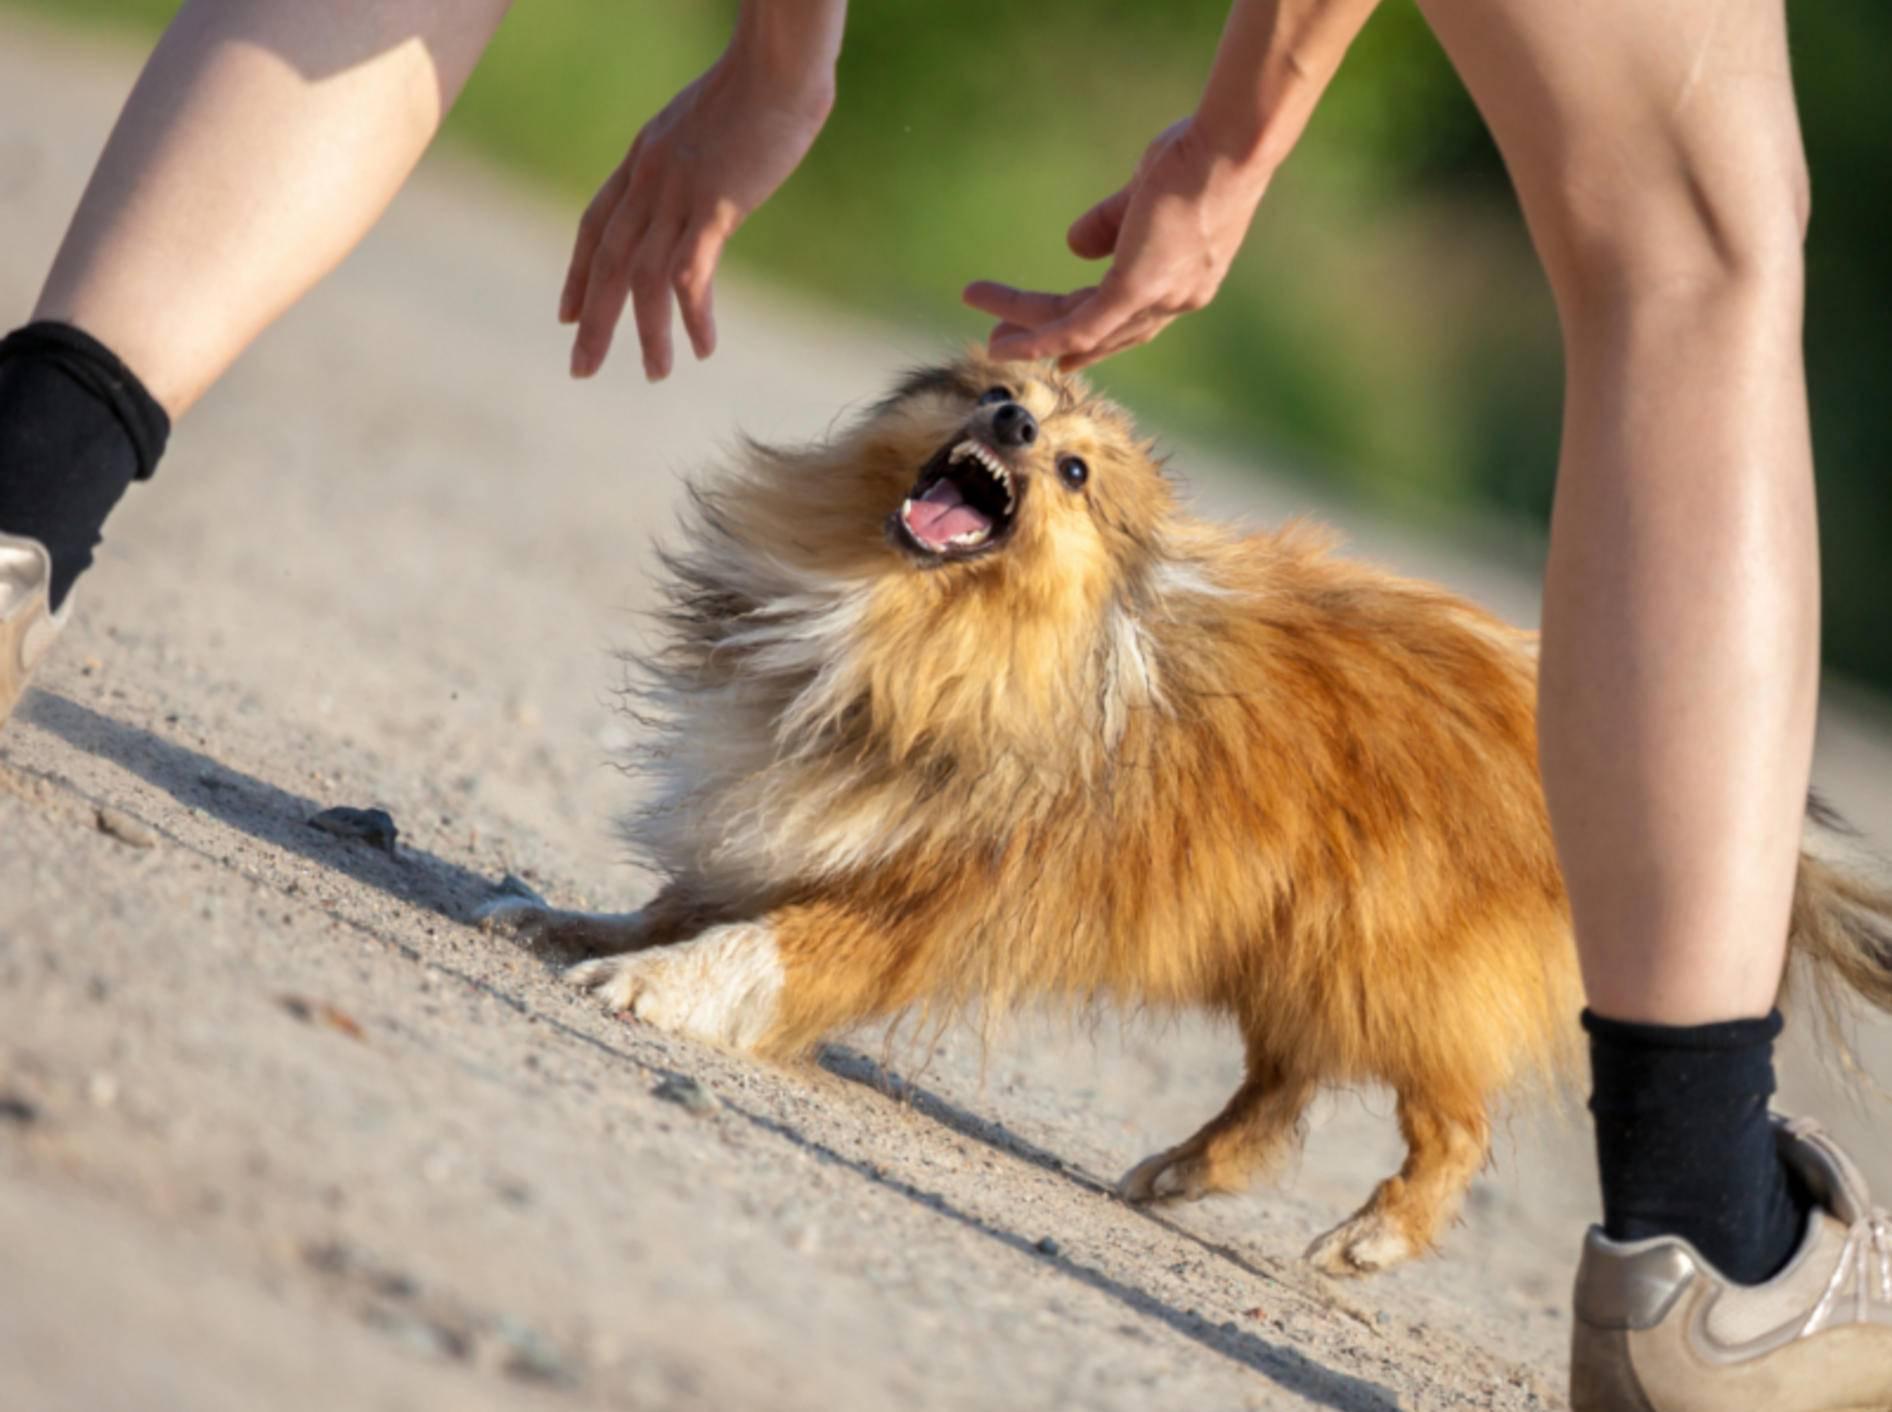 Hunde zu ärgern ist weder witzig noch sinnvoll – Shutterstock / Joerg Huettenhoelscher